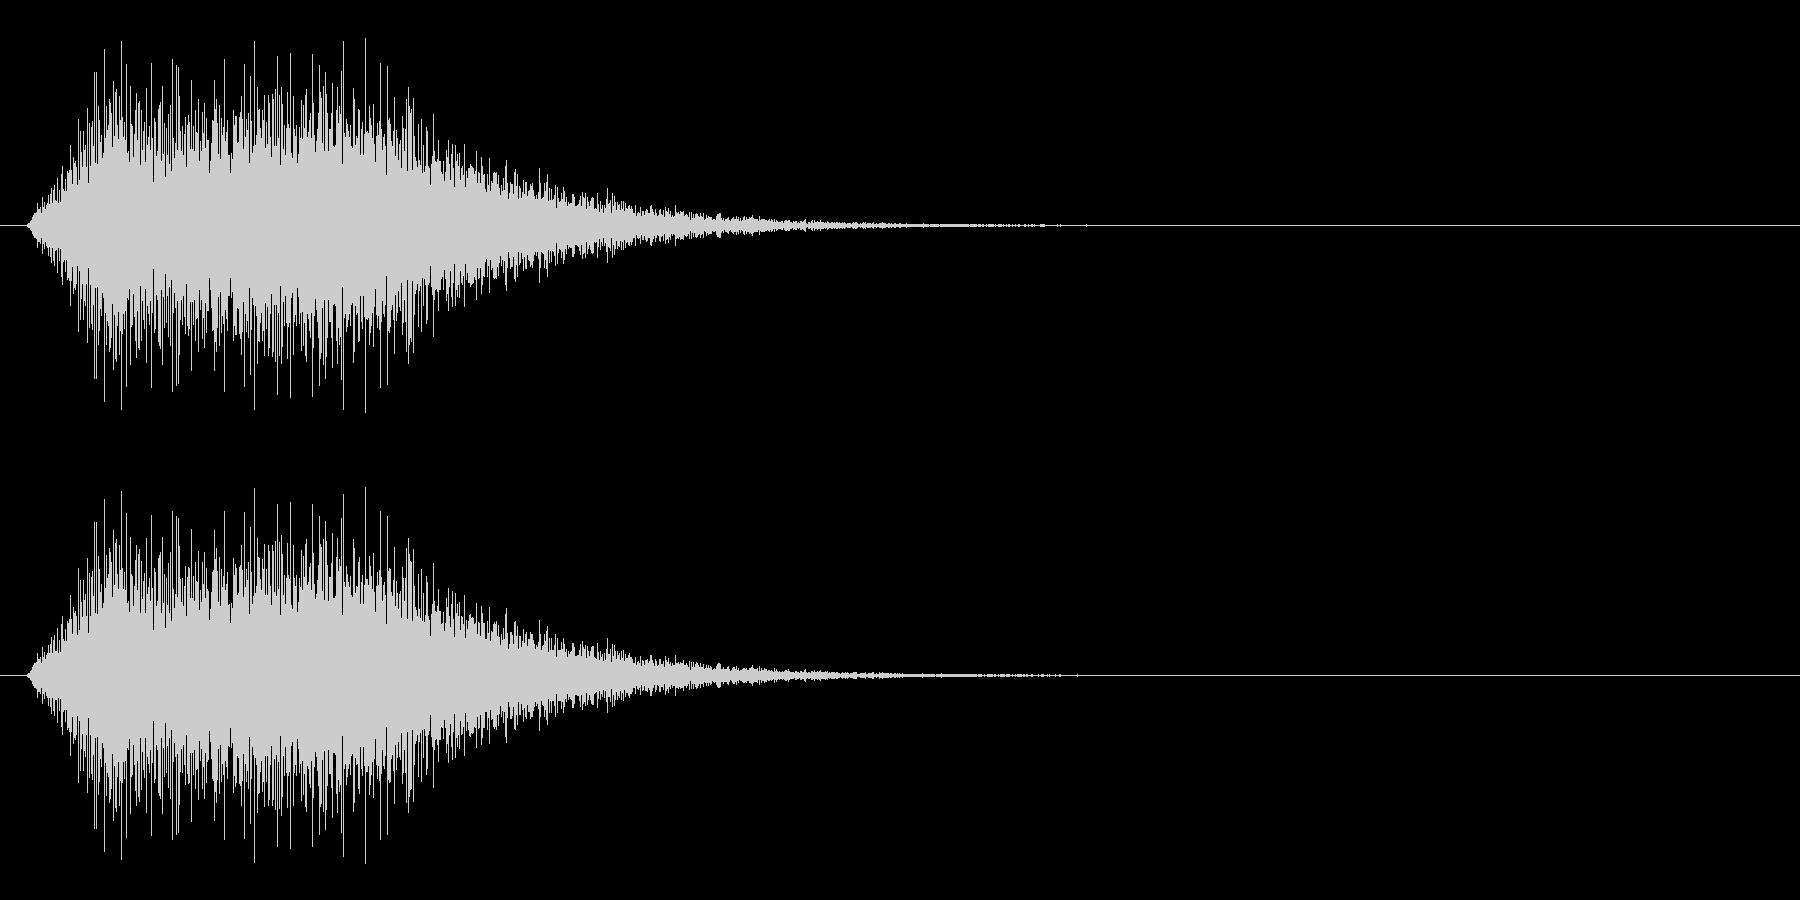 回復/アイテム使用/魔法の未再生の波形